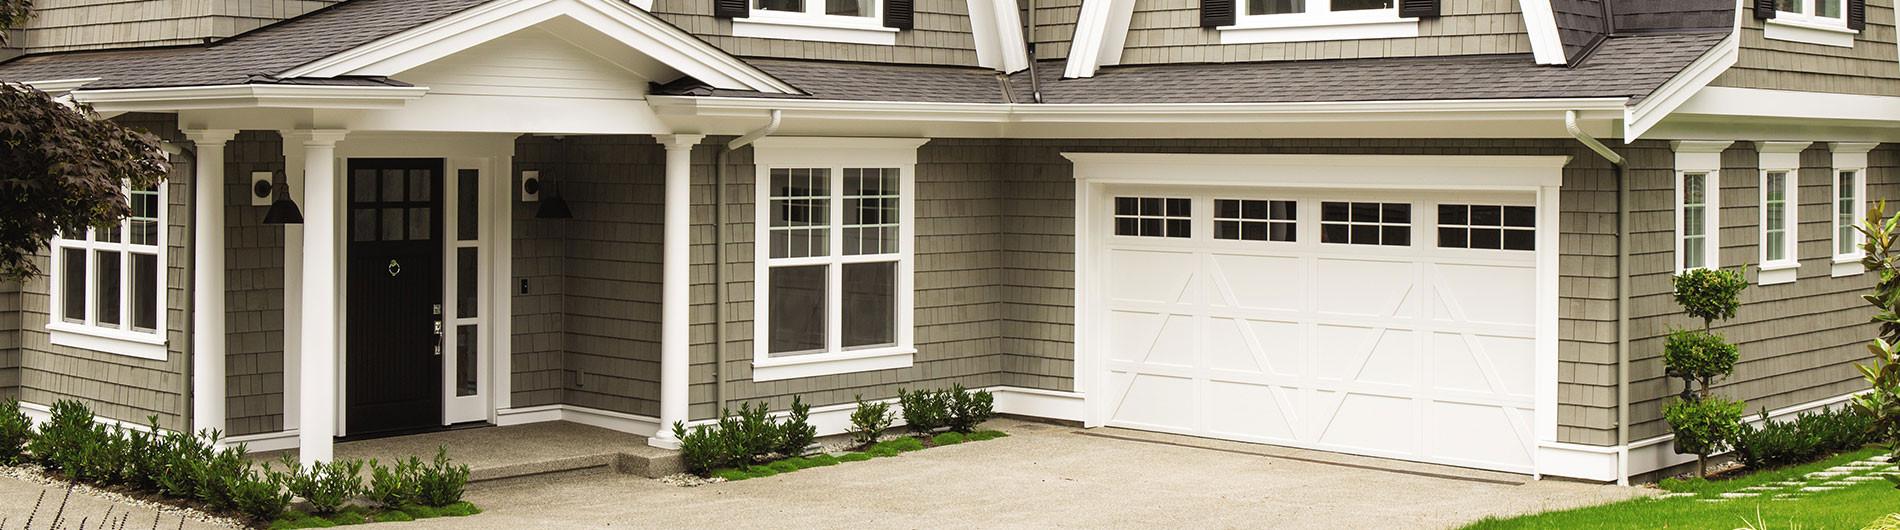 9700-CH-Garage-Door-Charleston-White-24W